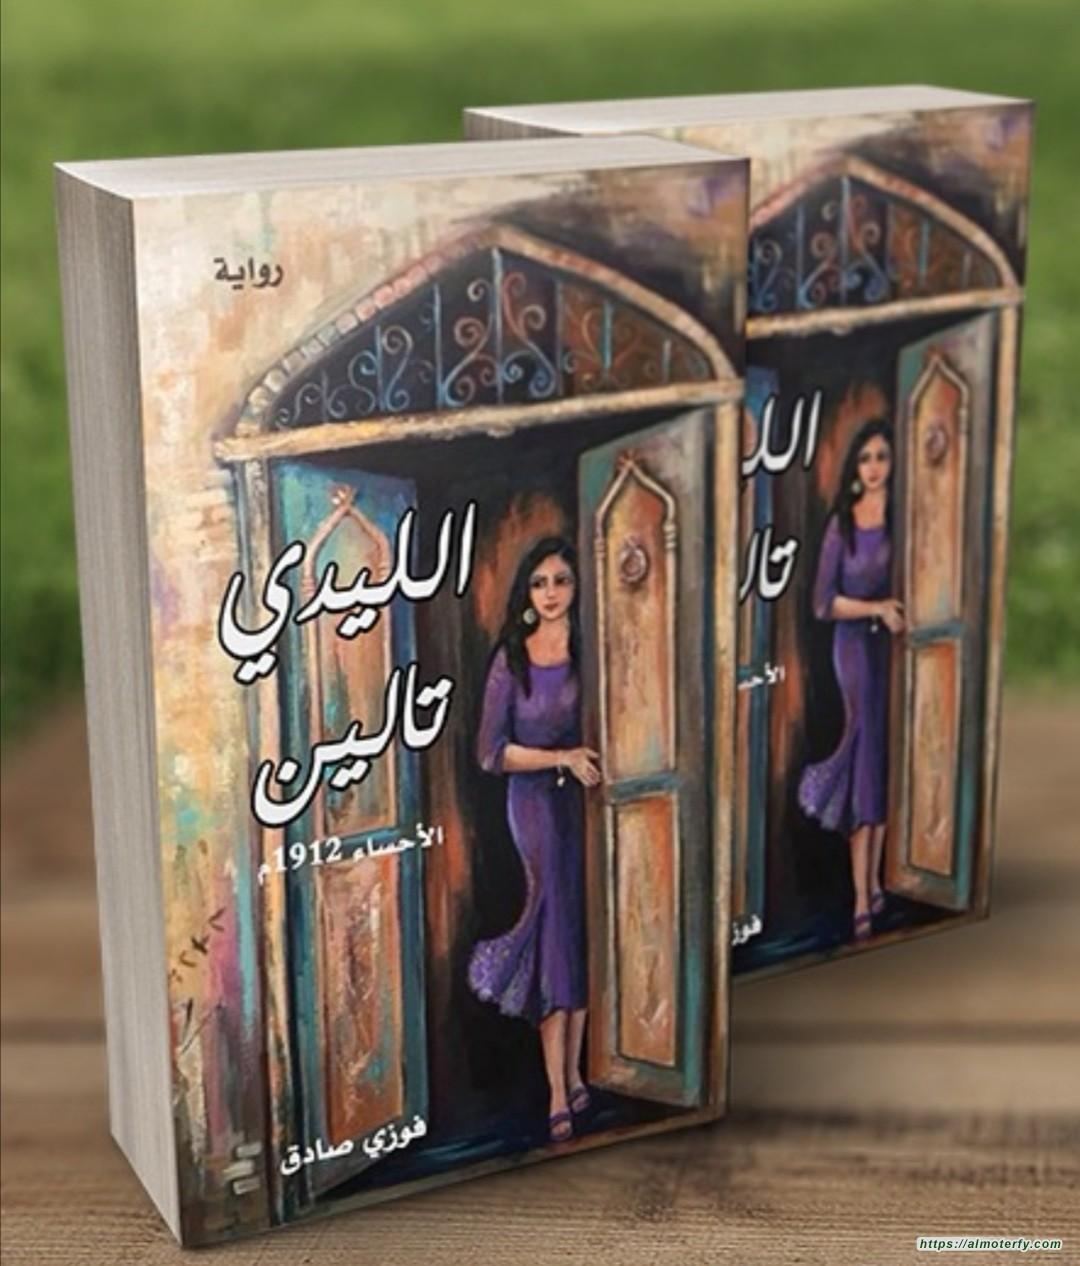 رواية  الليدي تالين كواليس حارة اليهود بالأحساء والعشق الممنوع لفوزي صادق